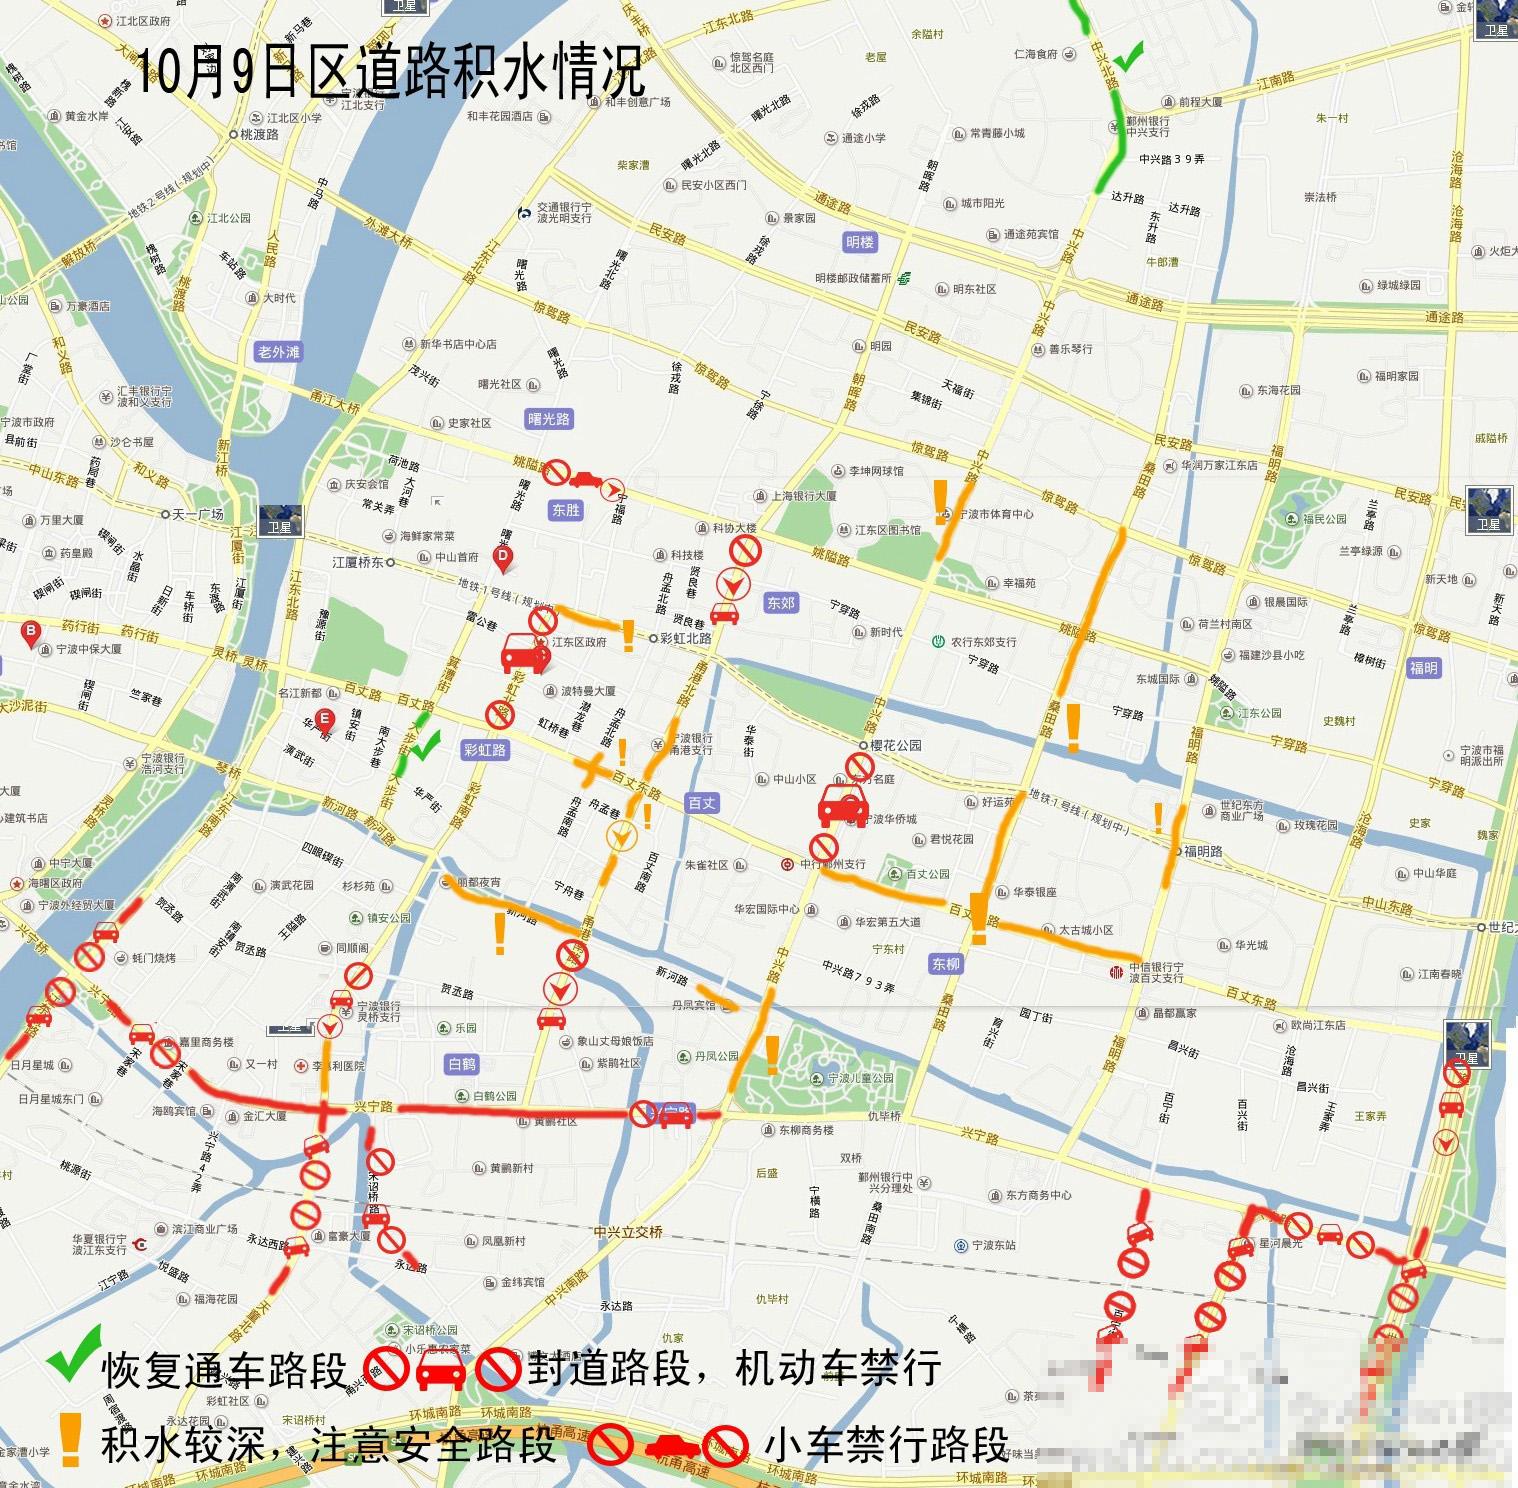 网友绘制宁波市区道路积水图